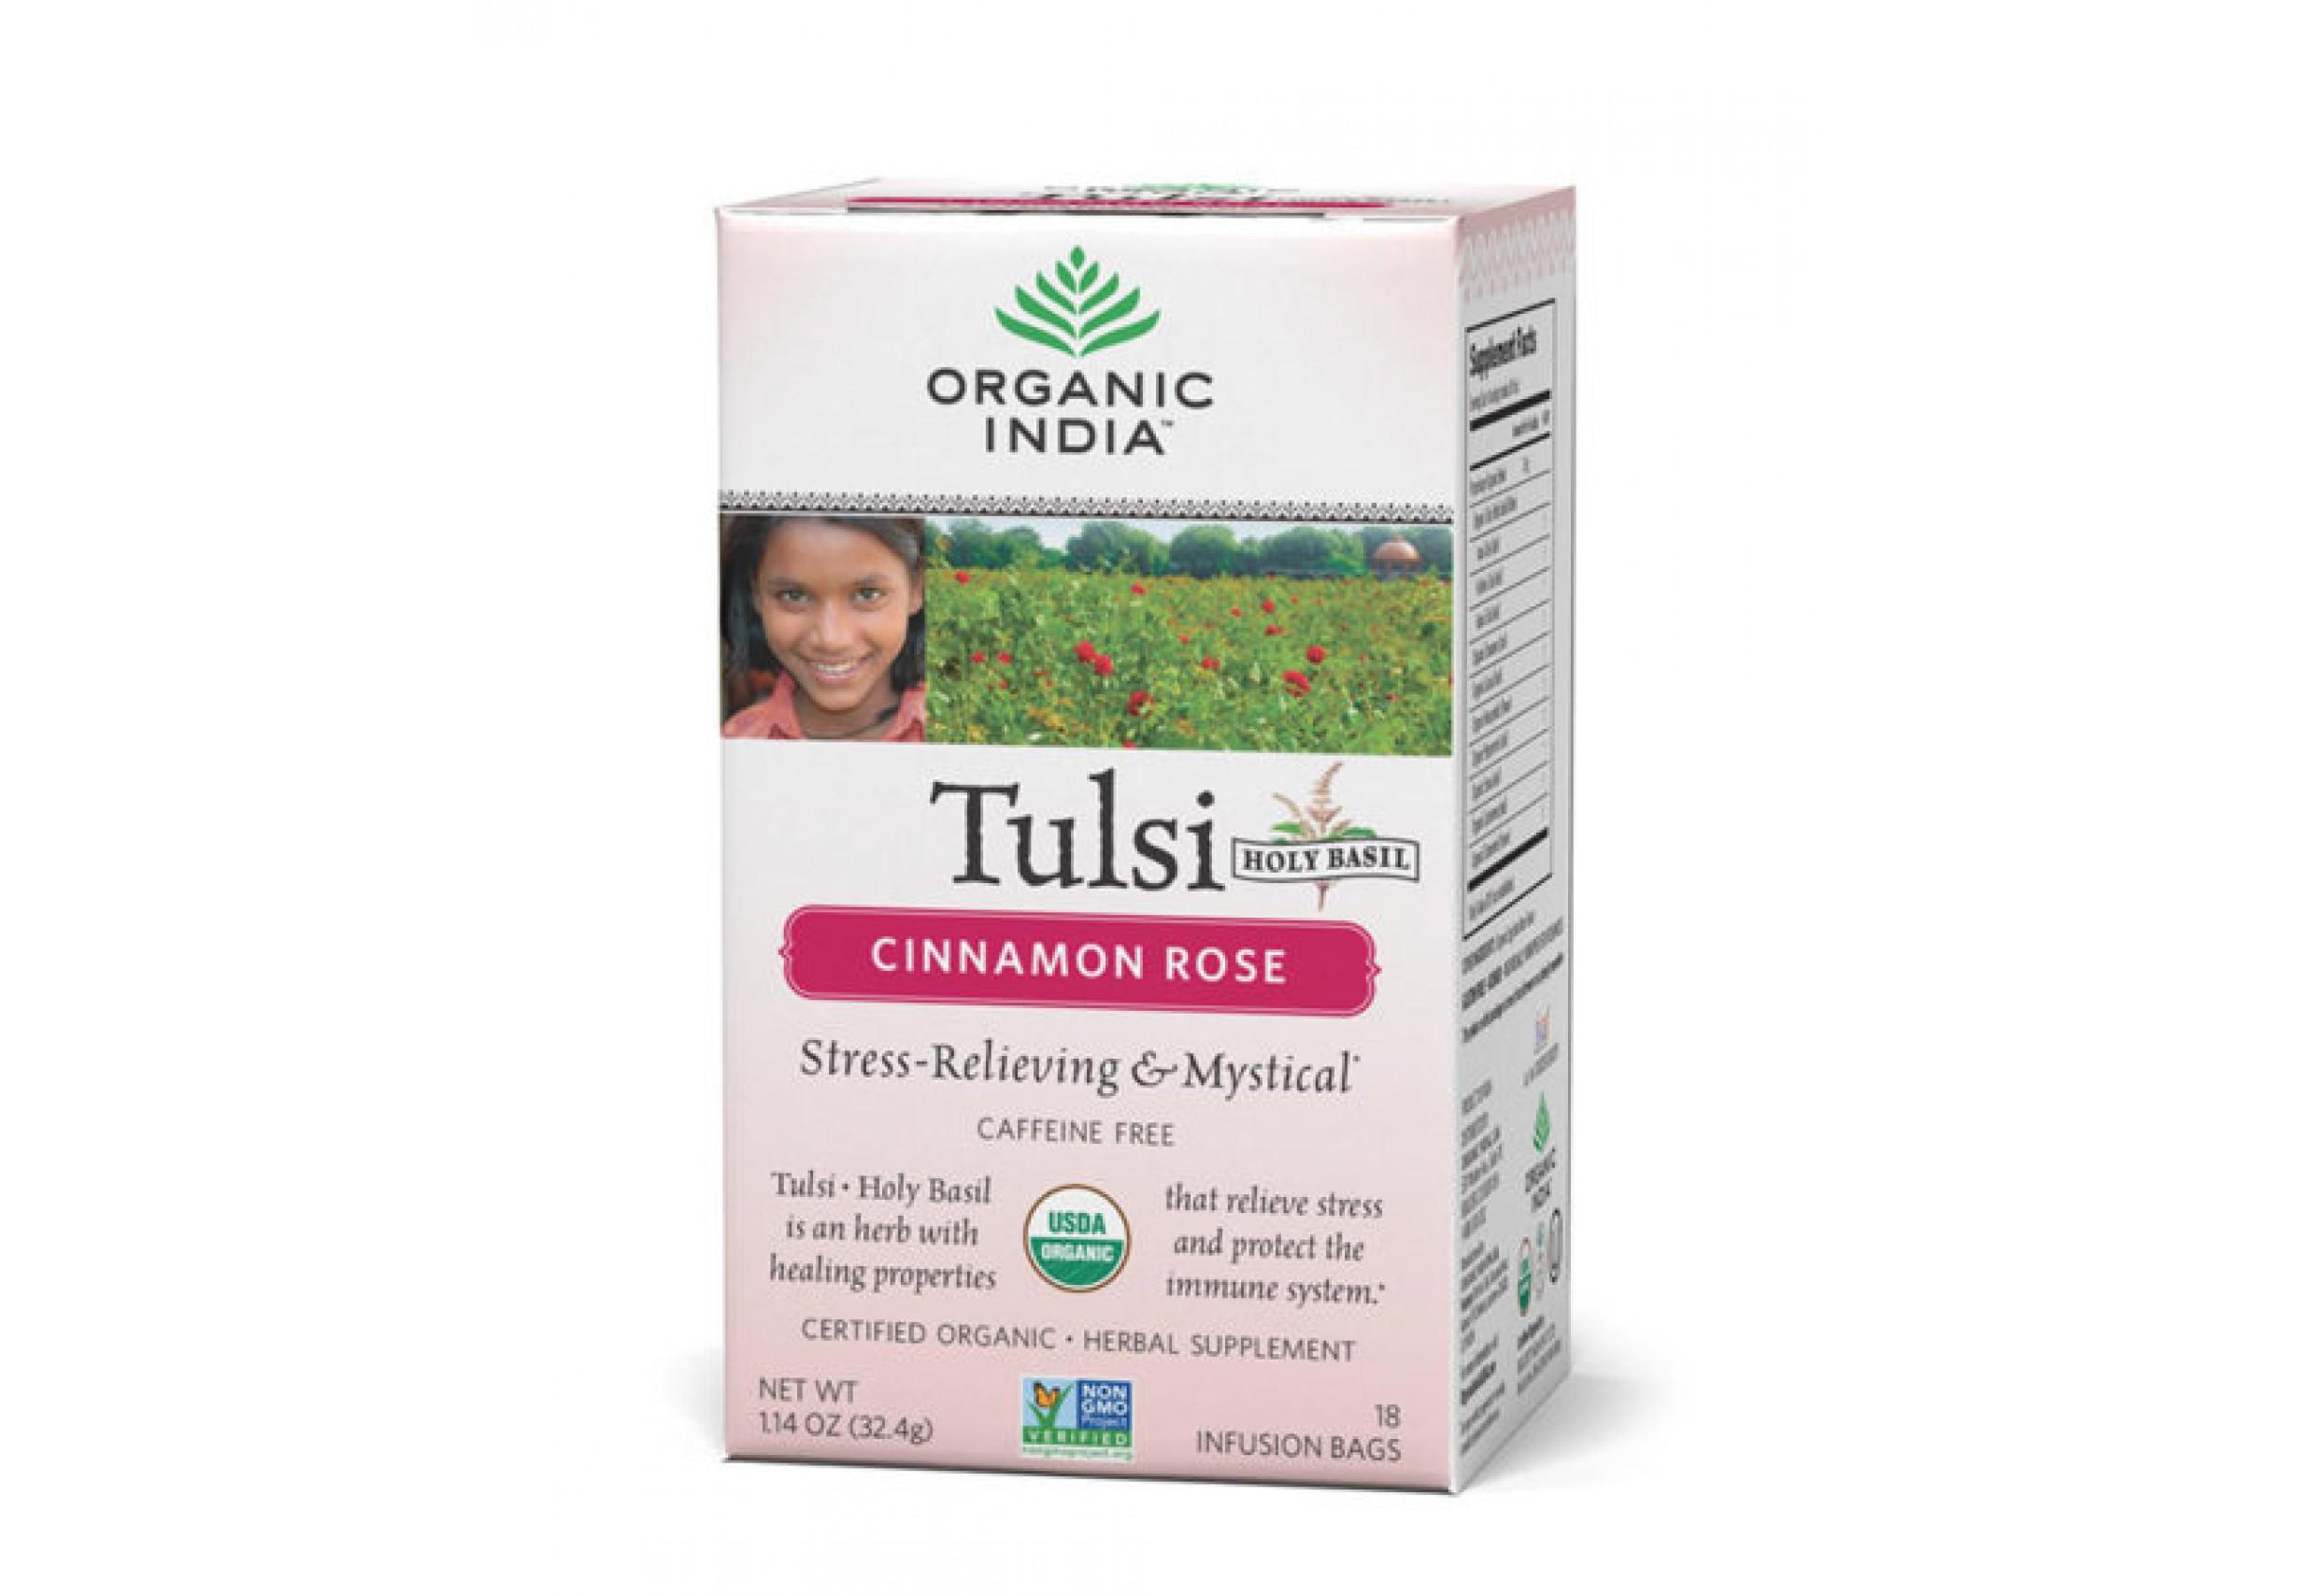 Tulsi Tea Cinnamon Rose